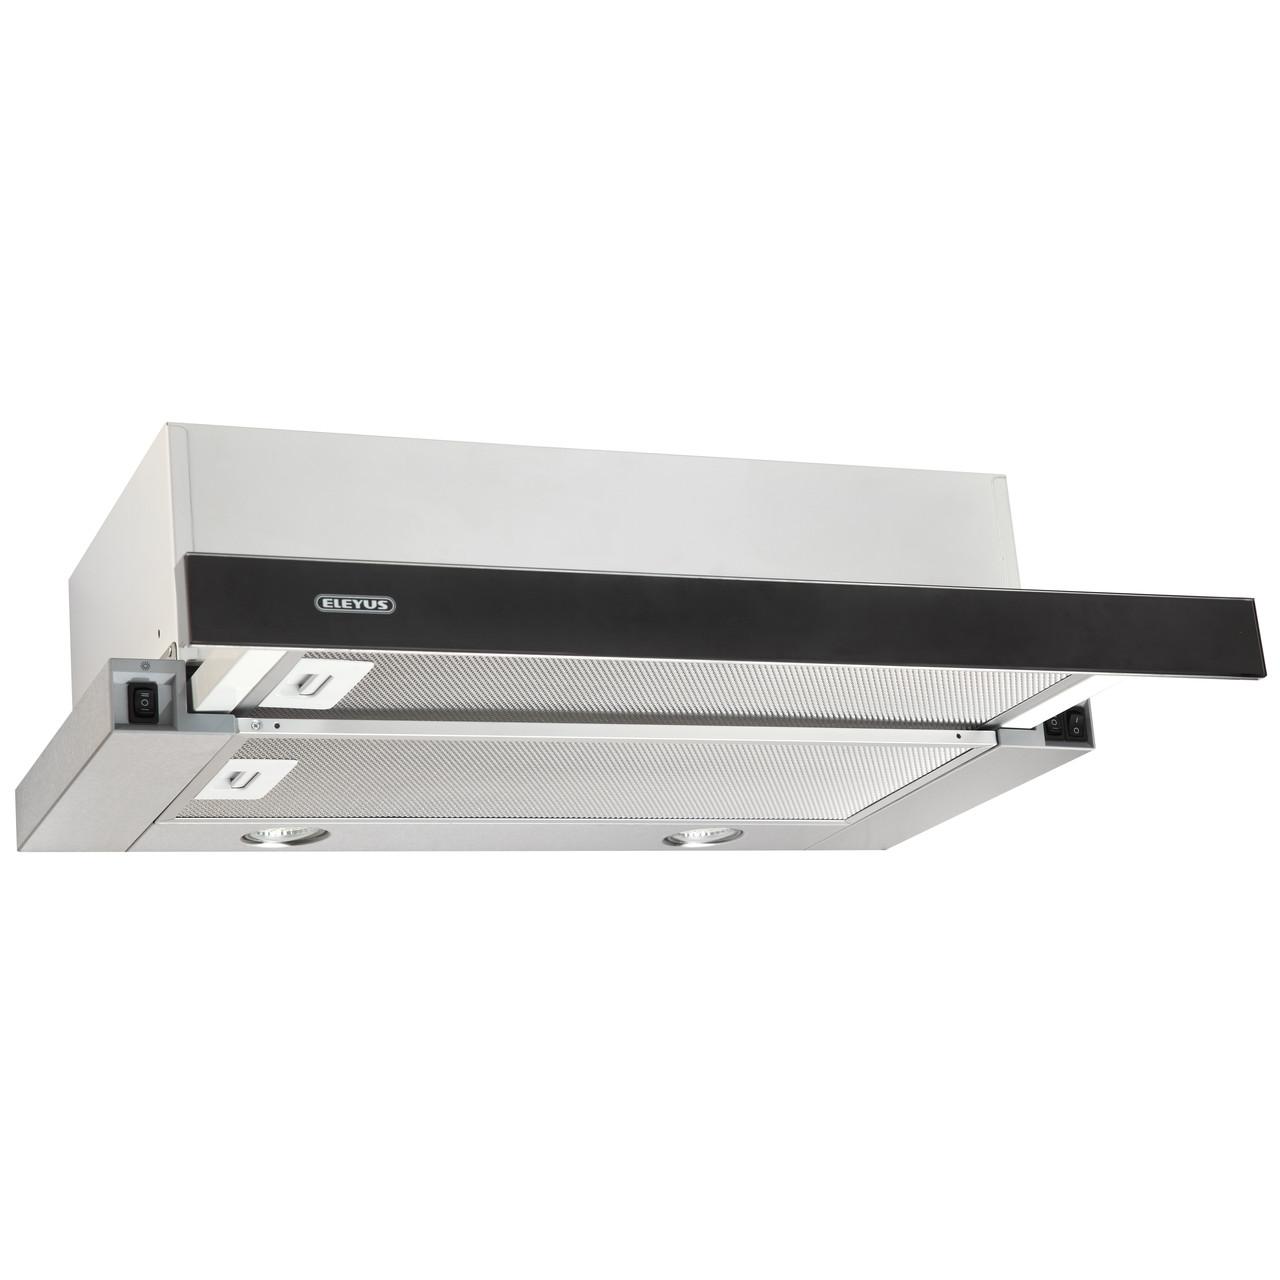 Витяжка кухонна ELEYUS Storm G 700 LED SMD 60 IS+BL